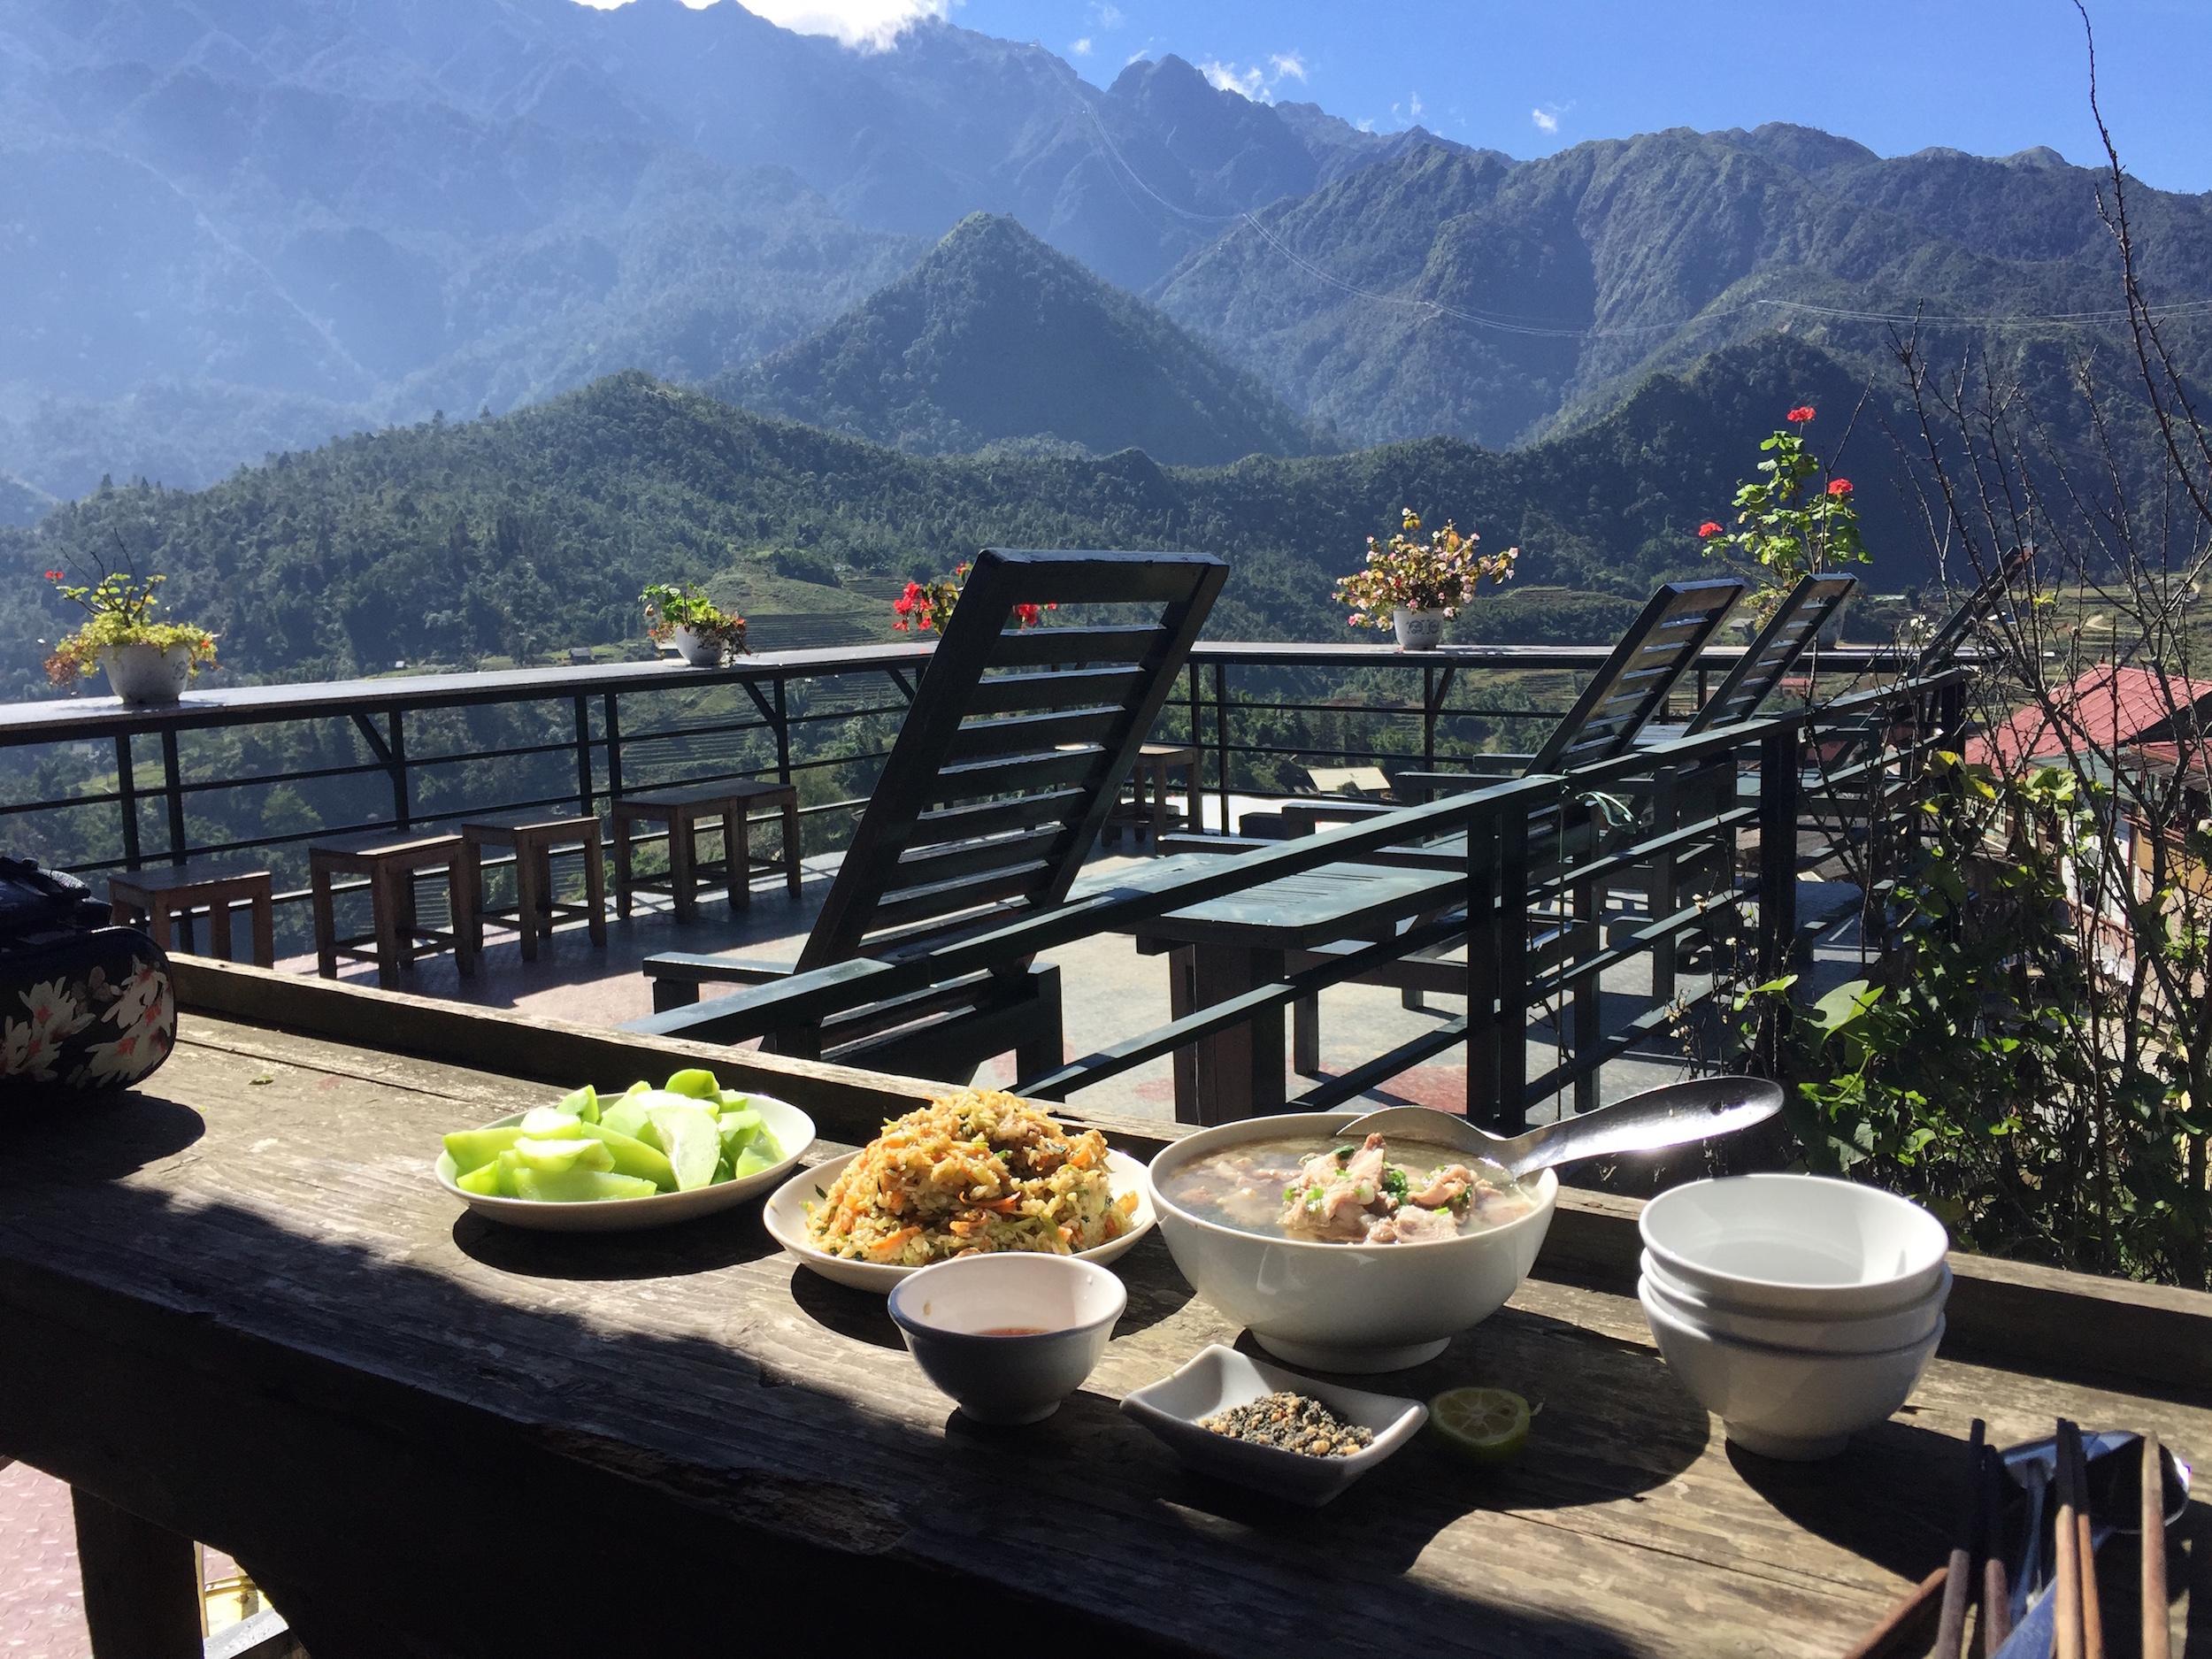 Bữa ăn vui vẻ giữa khung cảnh núi rừng Tây Bắc